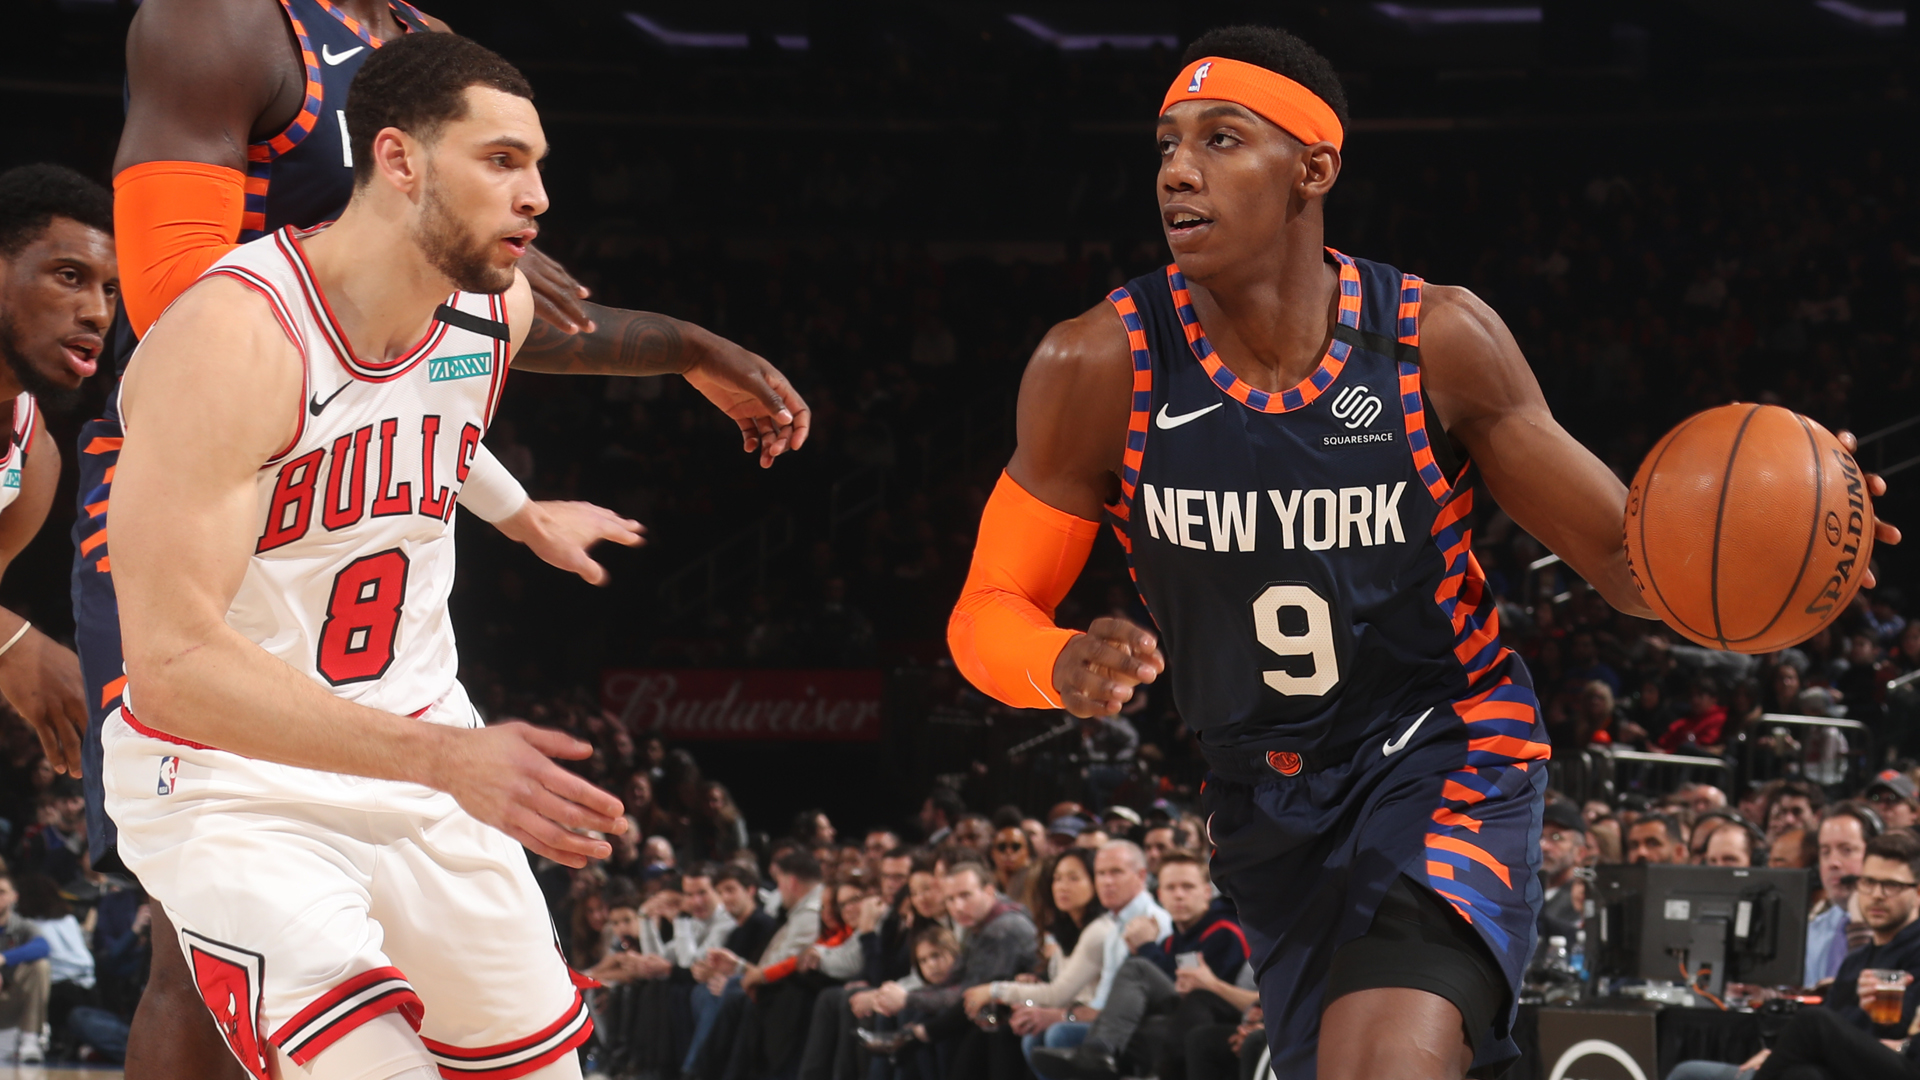 Bulls @ Knicks